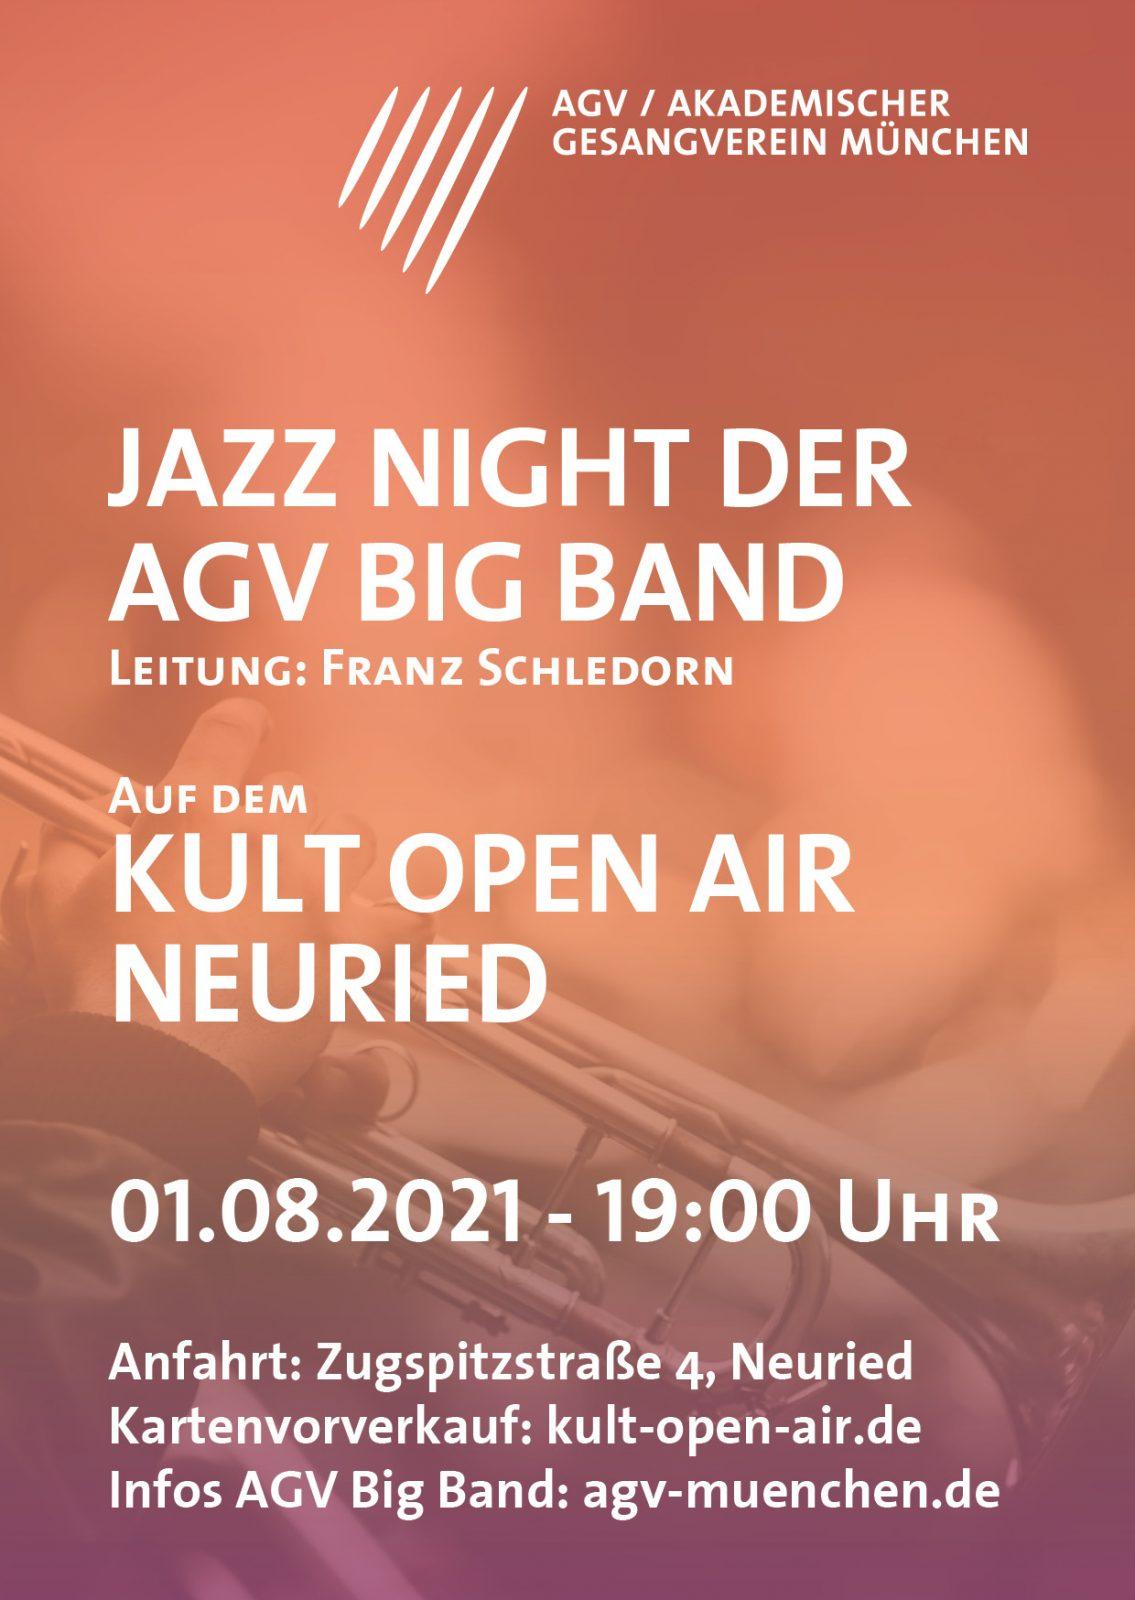 Flyer für die Jazz Night am Neurieder Kult Open Air 2021